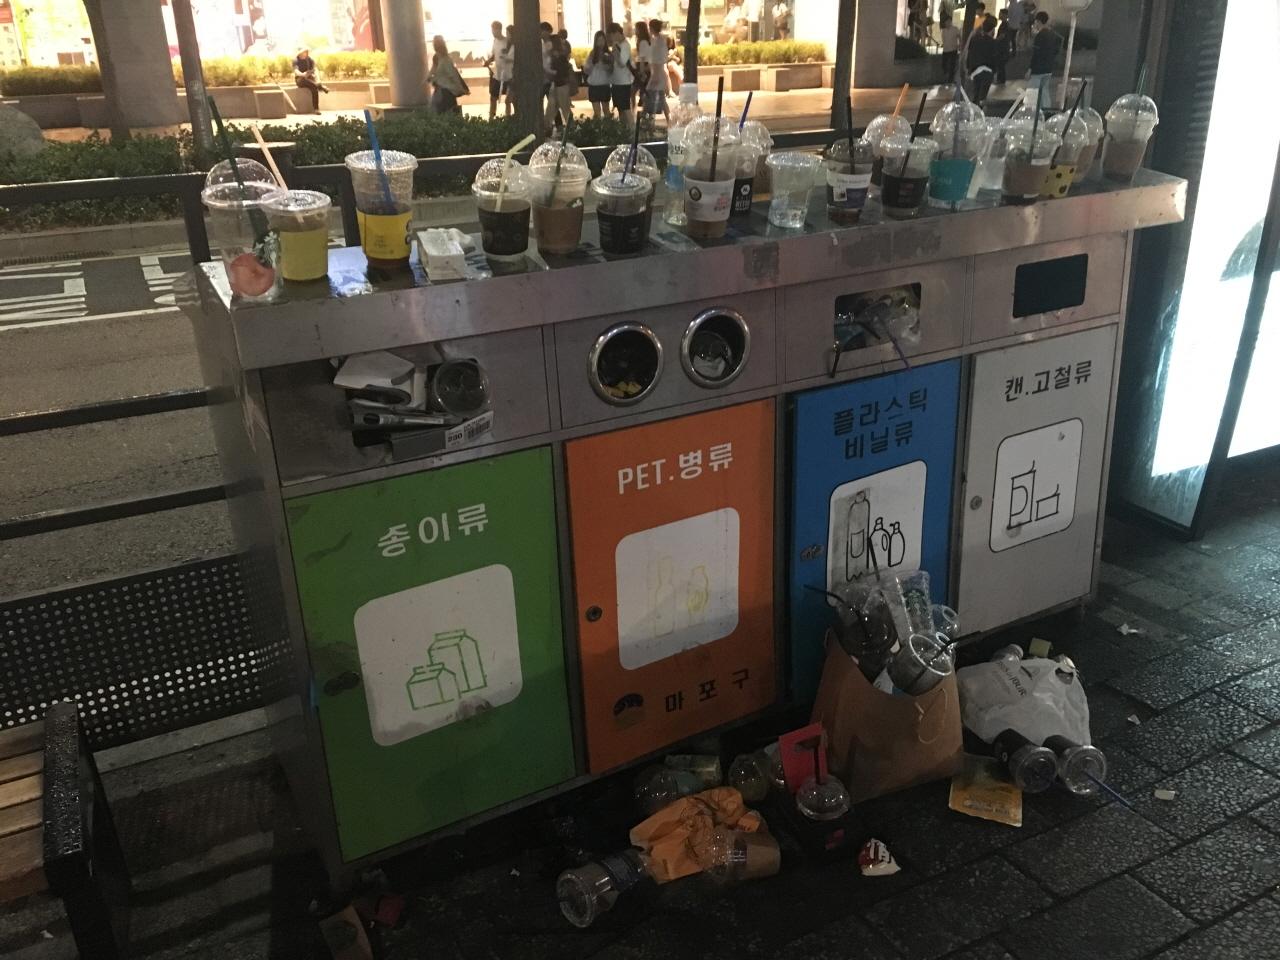 버려진 일회용컵, 빨대 홍대입구역 버스정류장에 버려진 일회용컵과 빨대들